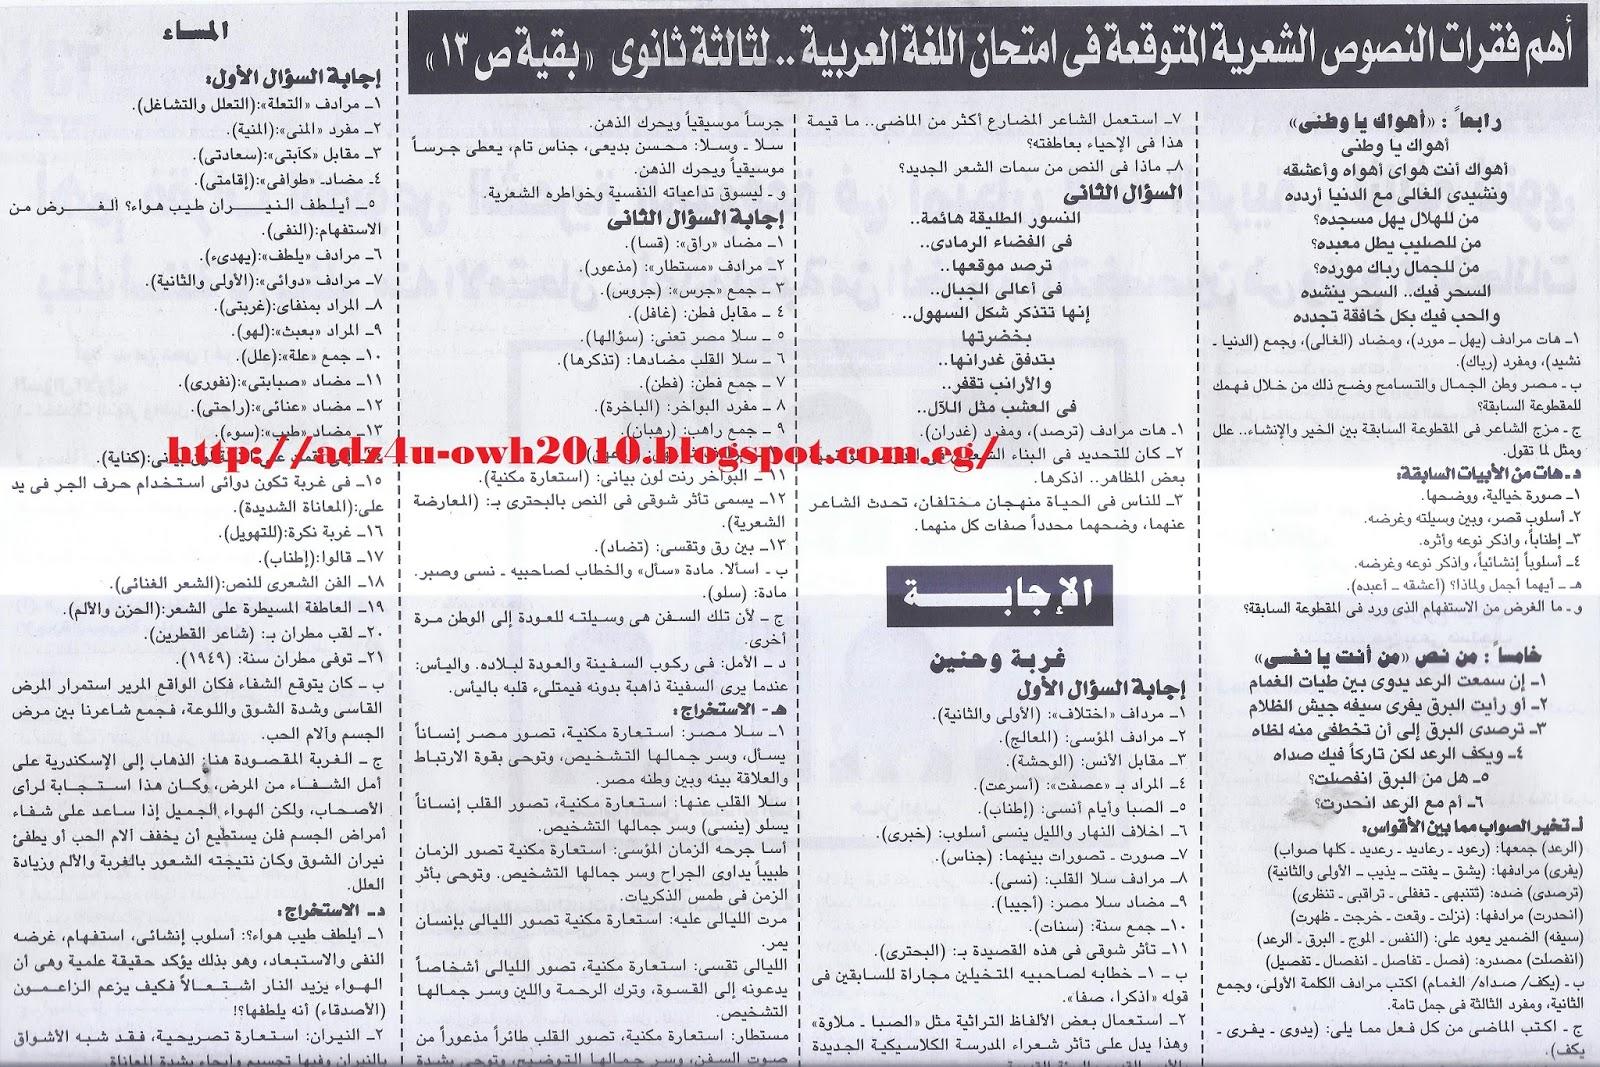 اهم توقعات النصوص للثانوية العامة.. ملحق الجمهورية التعليمي Scan0026